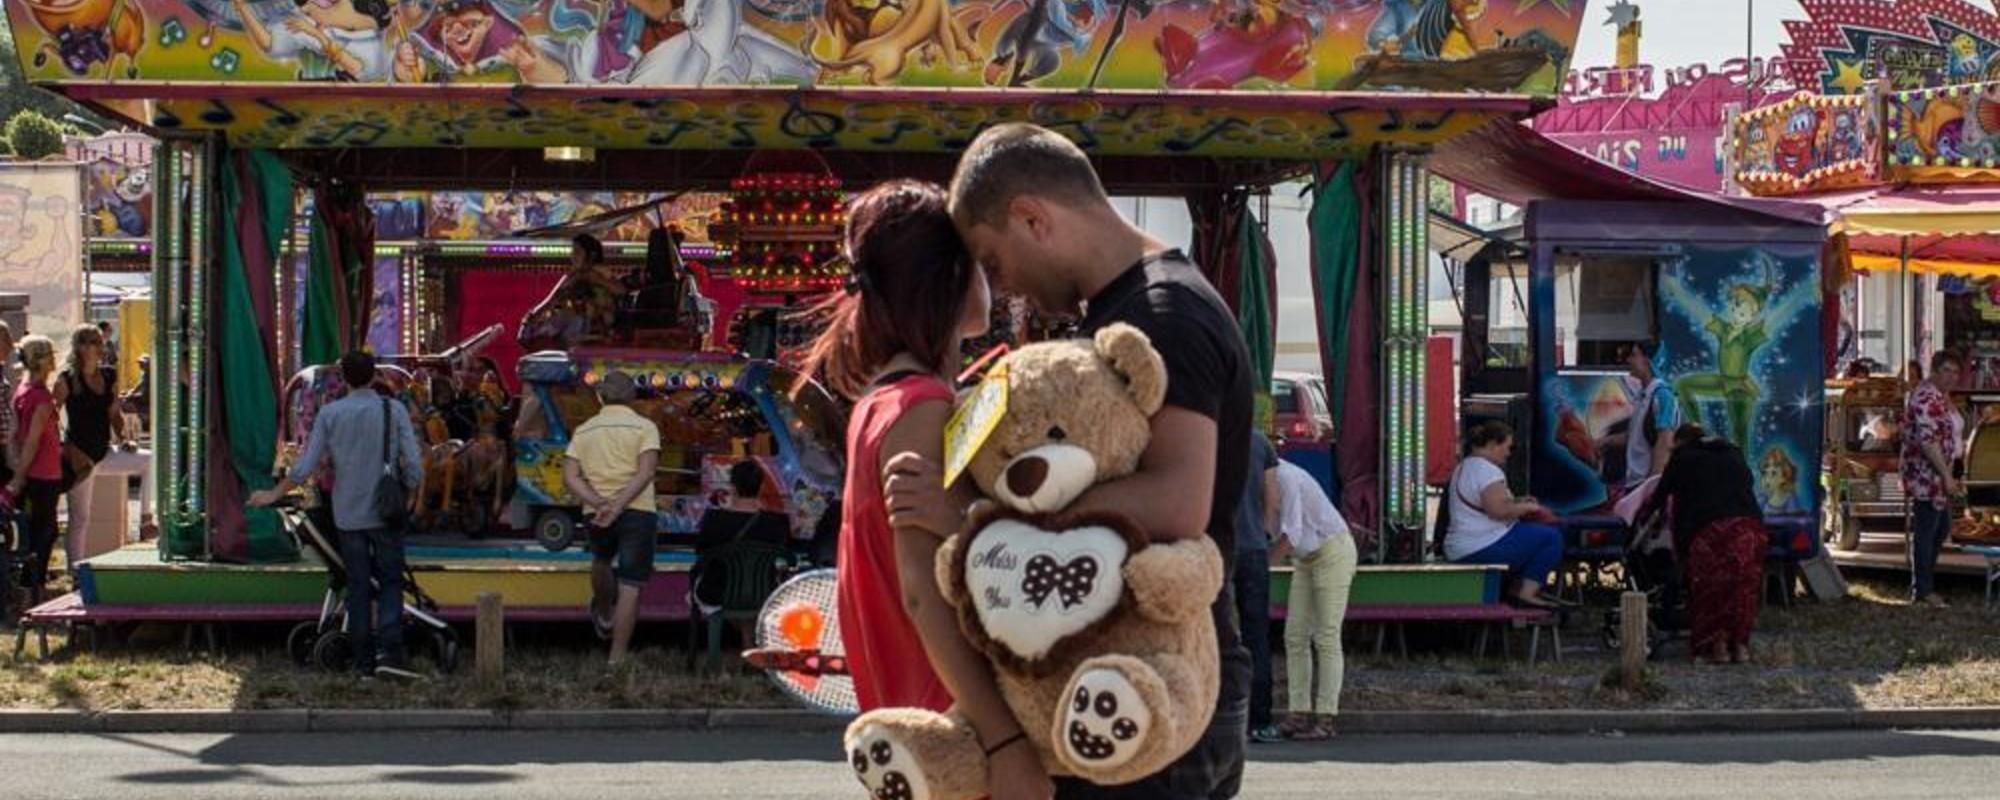 Fotografii cu vată de zahăr și kitsch din bâlciurile Franței